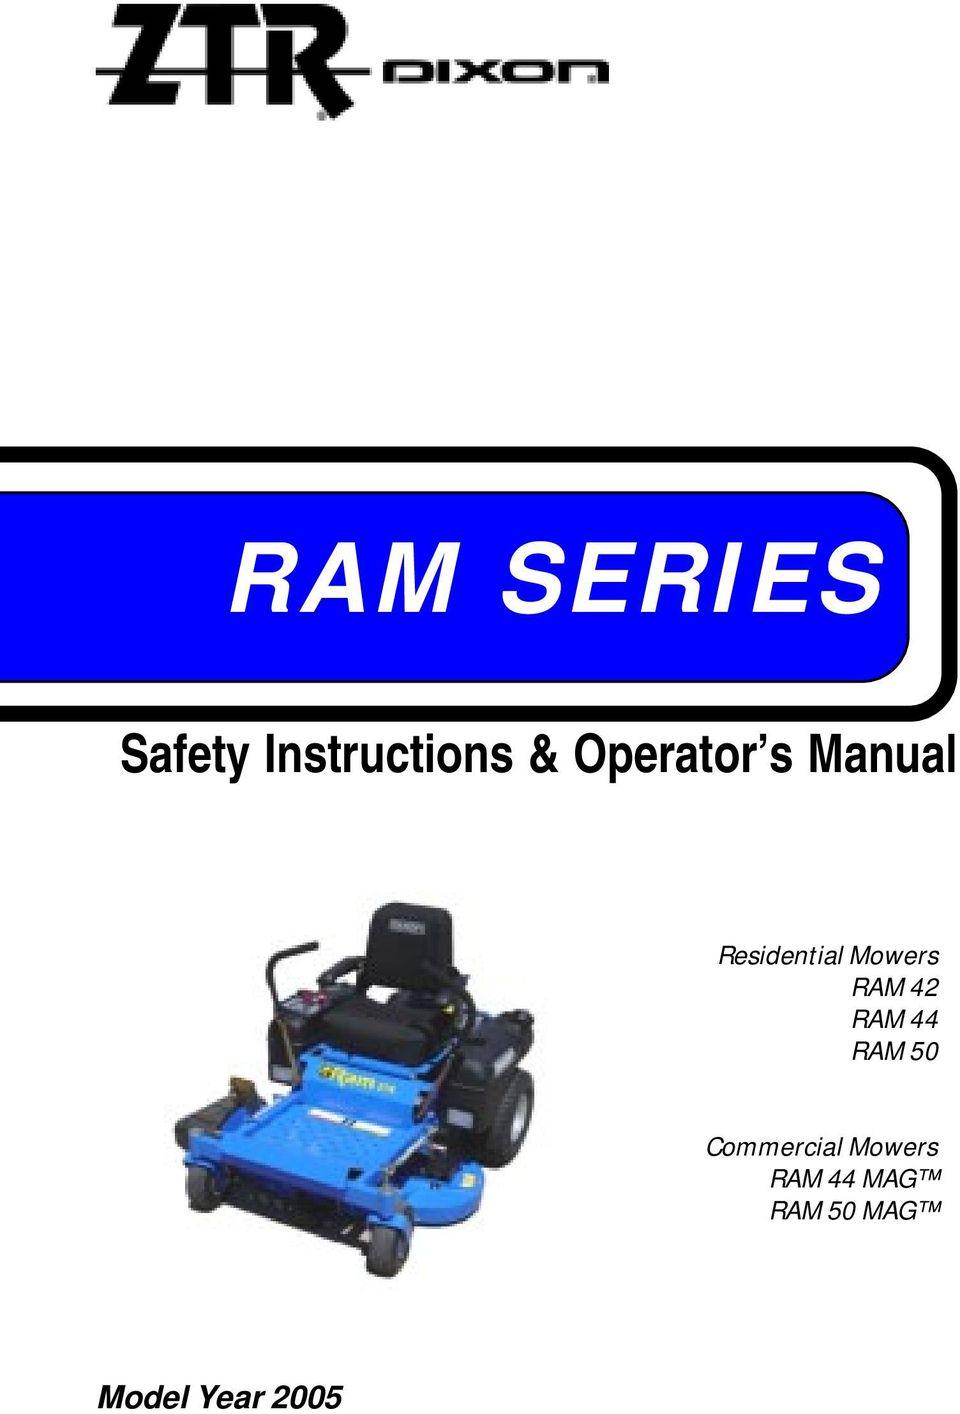 medium resolution of ram 42 ram 44 ram 50 commercial